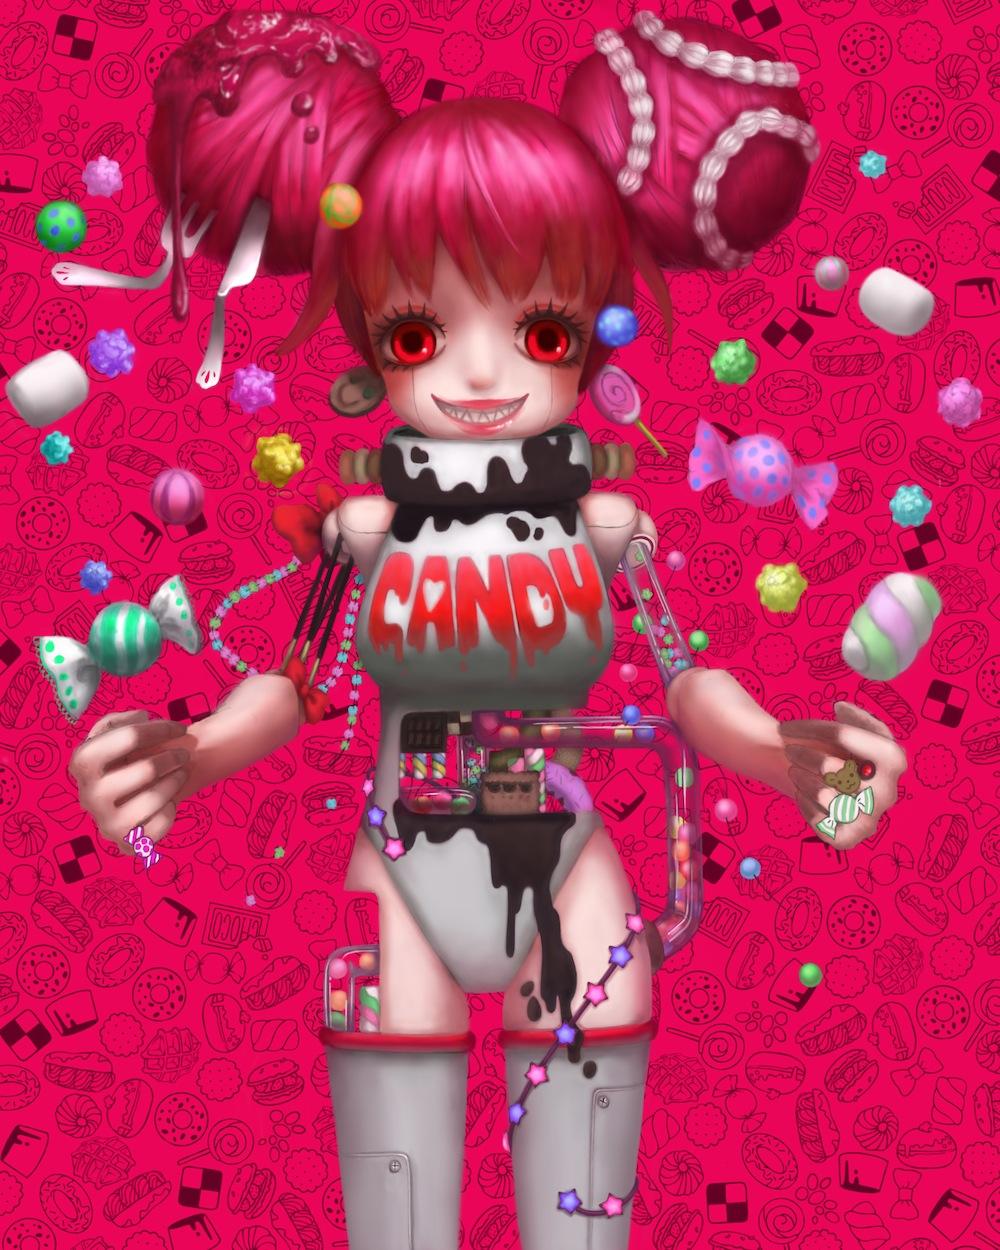 スウィイトポイズンファクトリィ (Sweet Poison Factory)